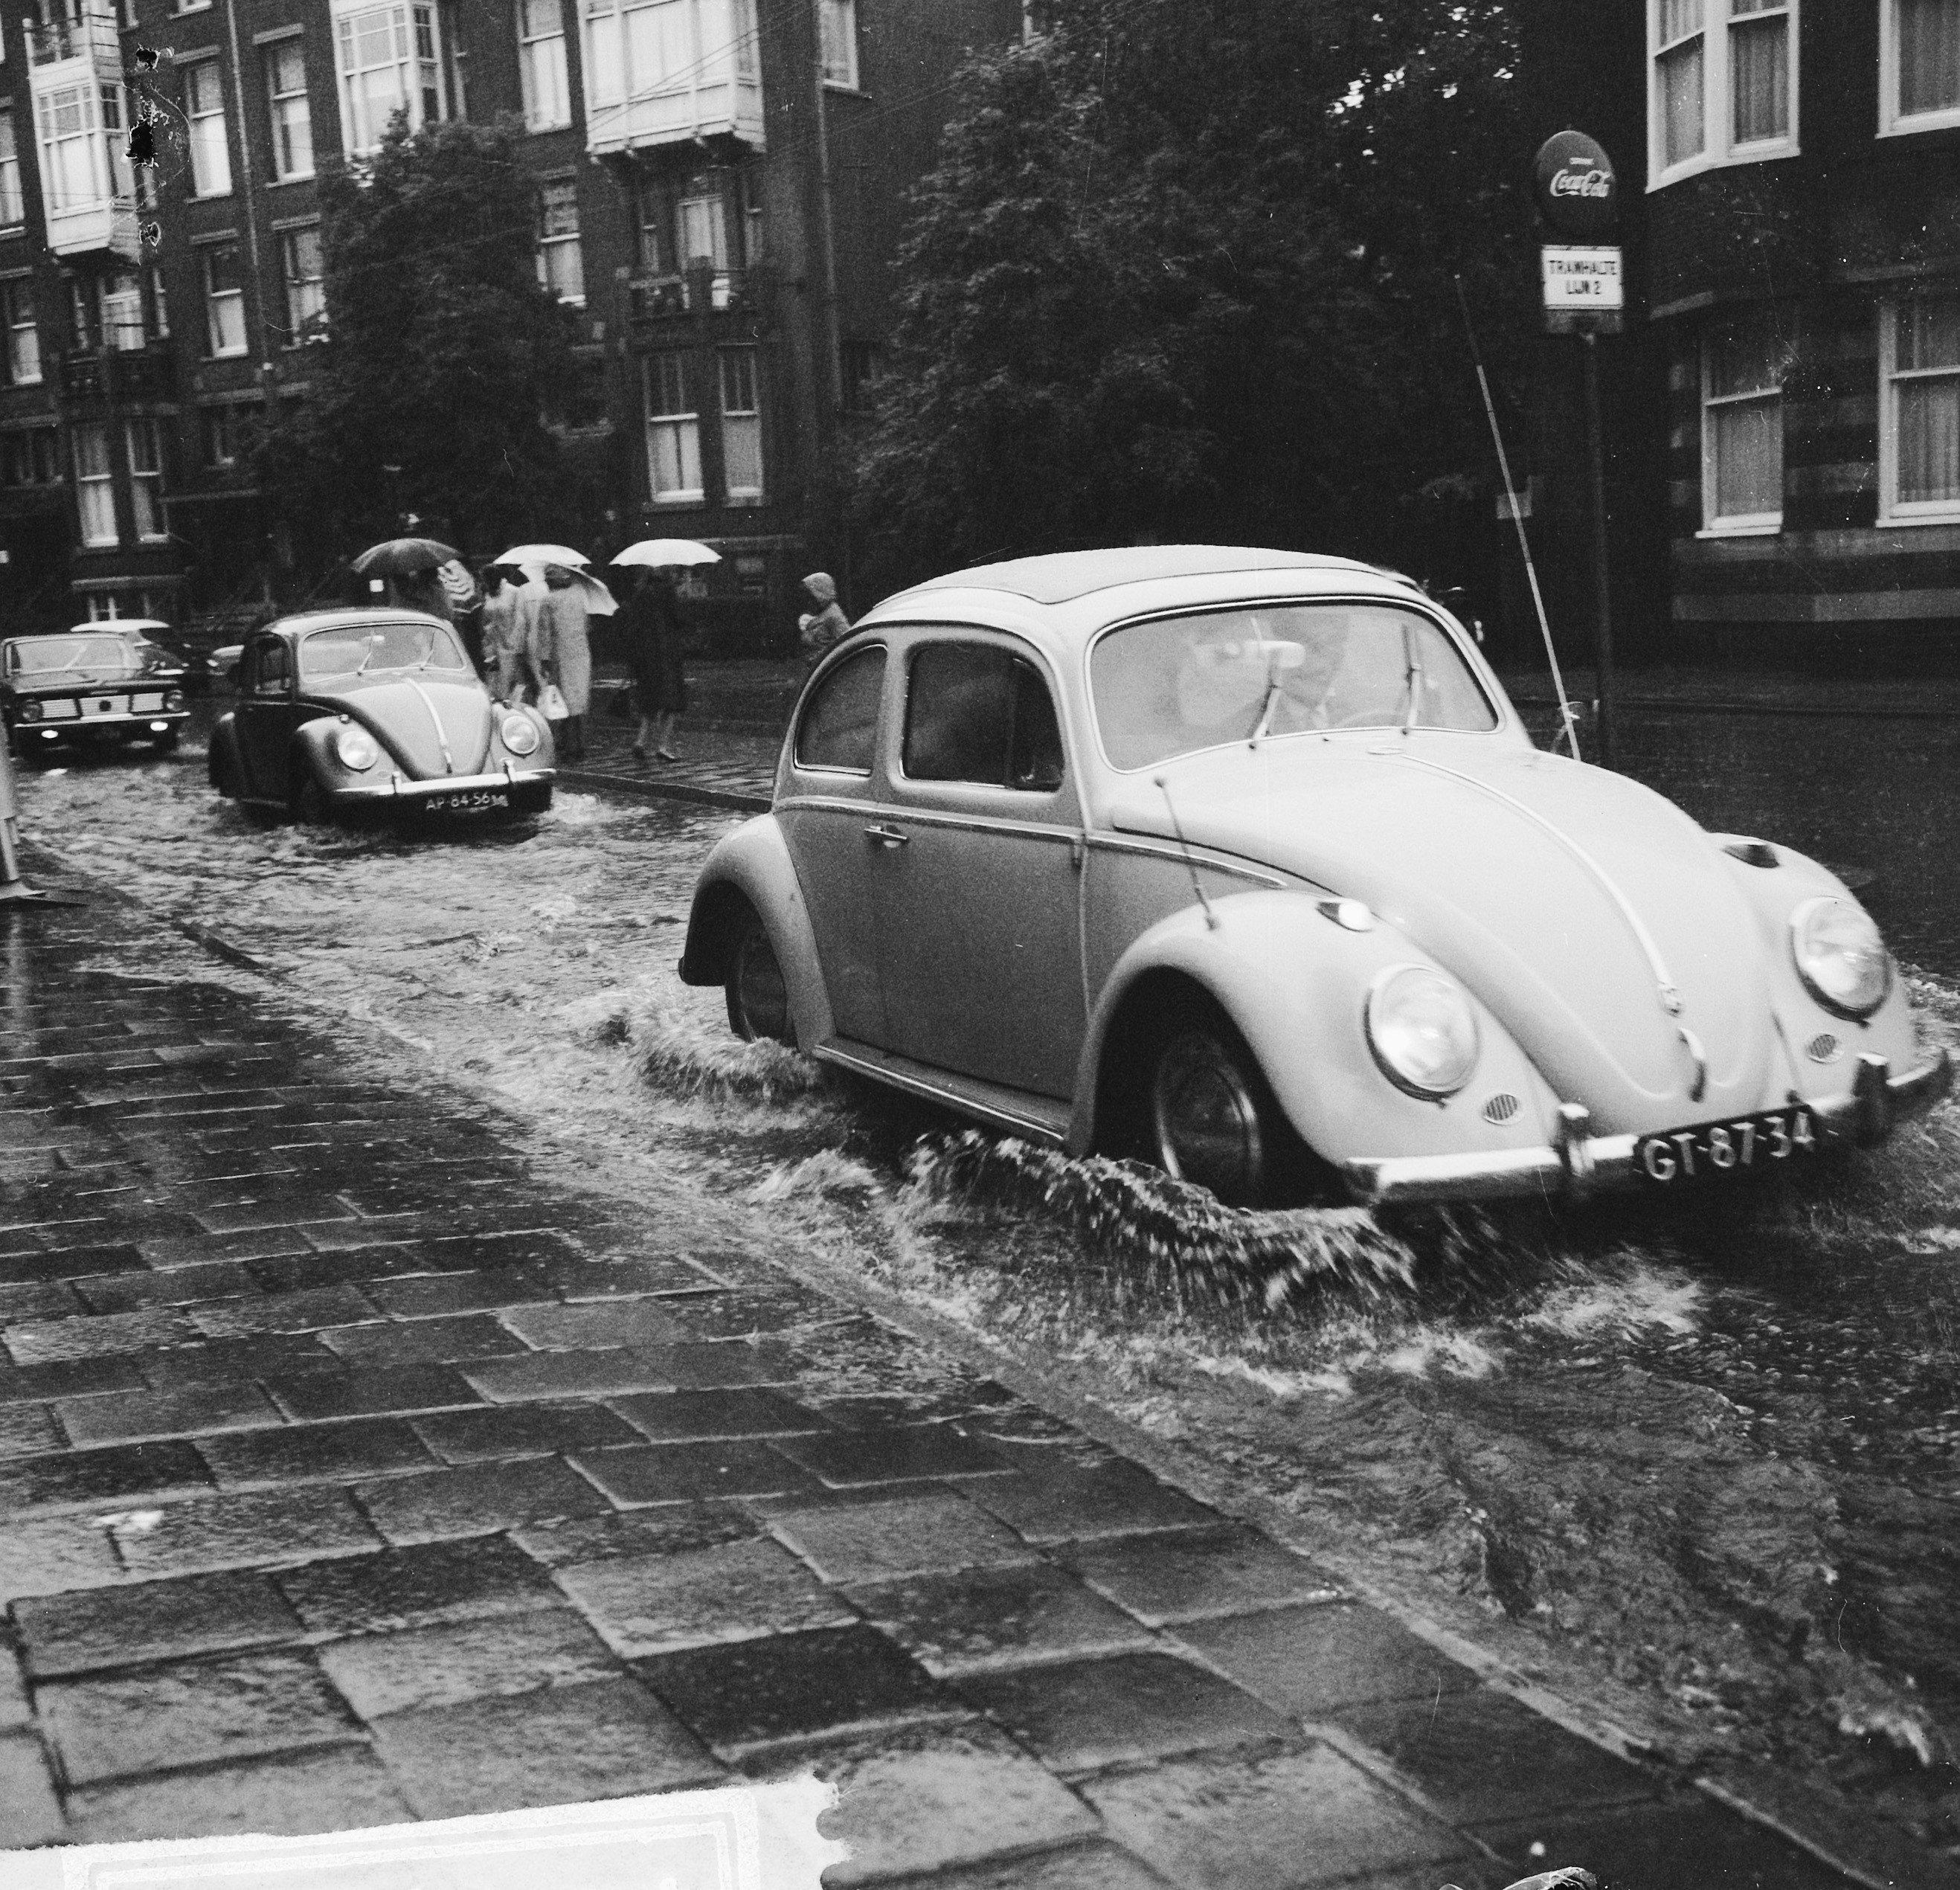 File:Noodweer in Amsterdam, straten onder water, autos door water,  Bestanddeelnr 918